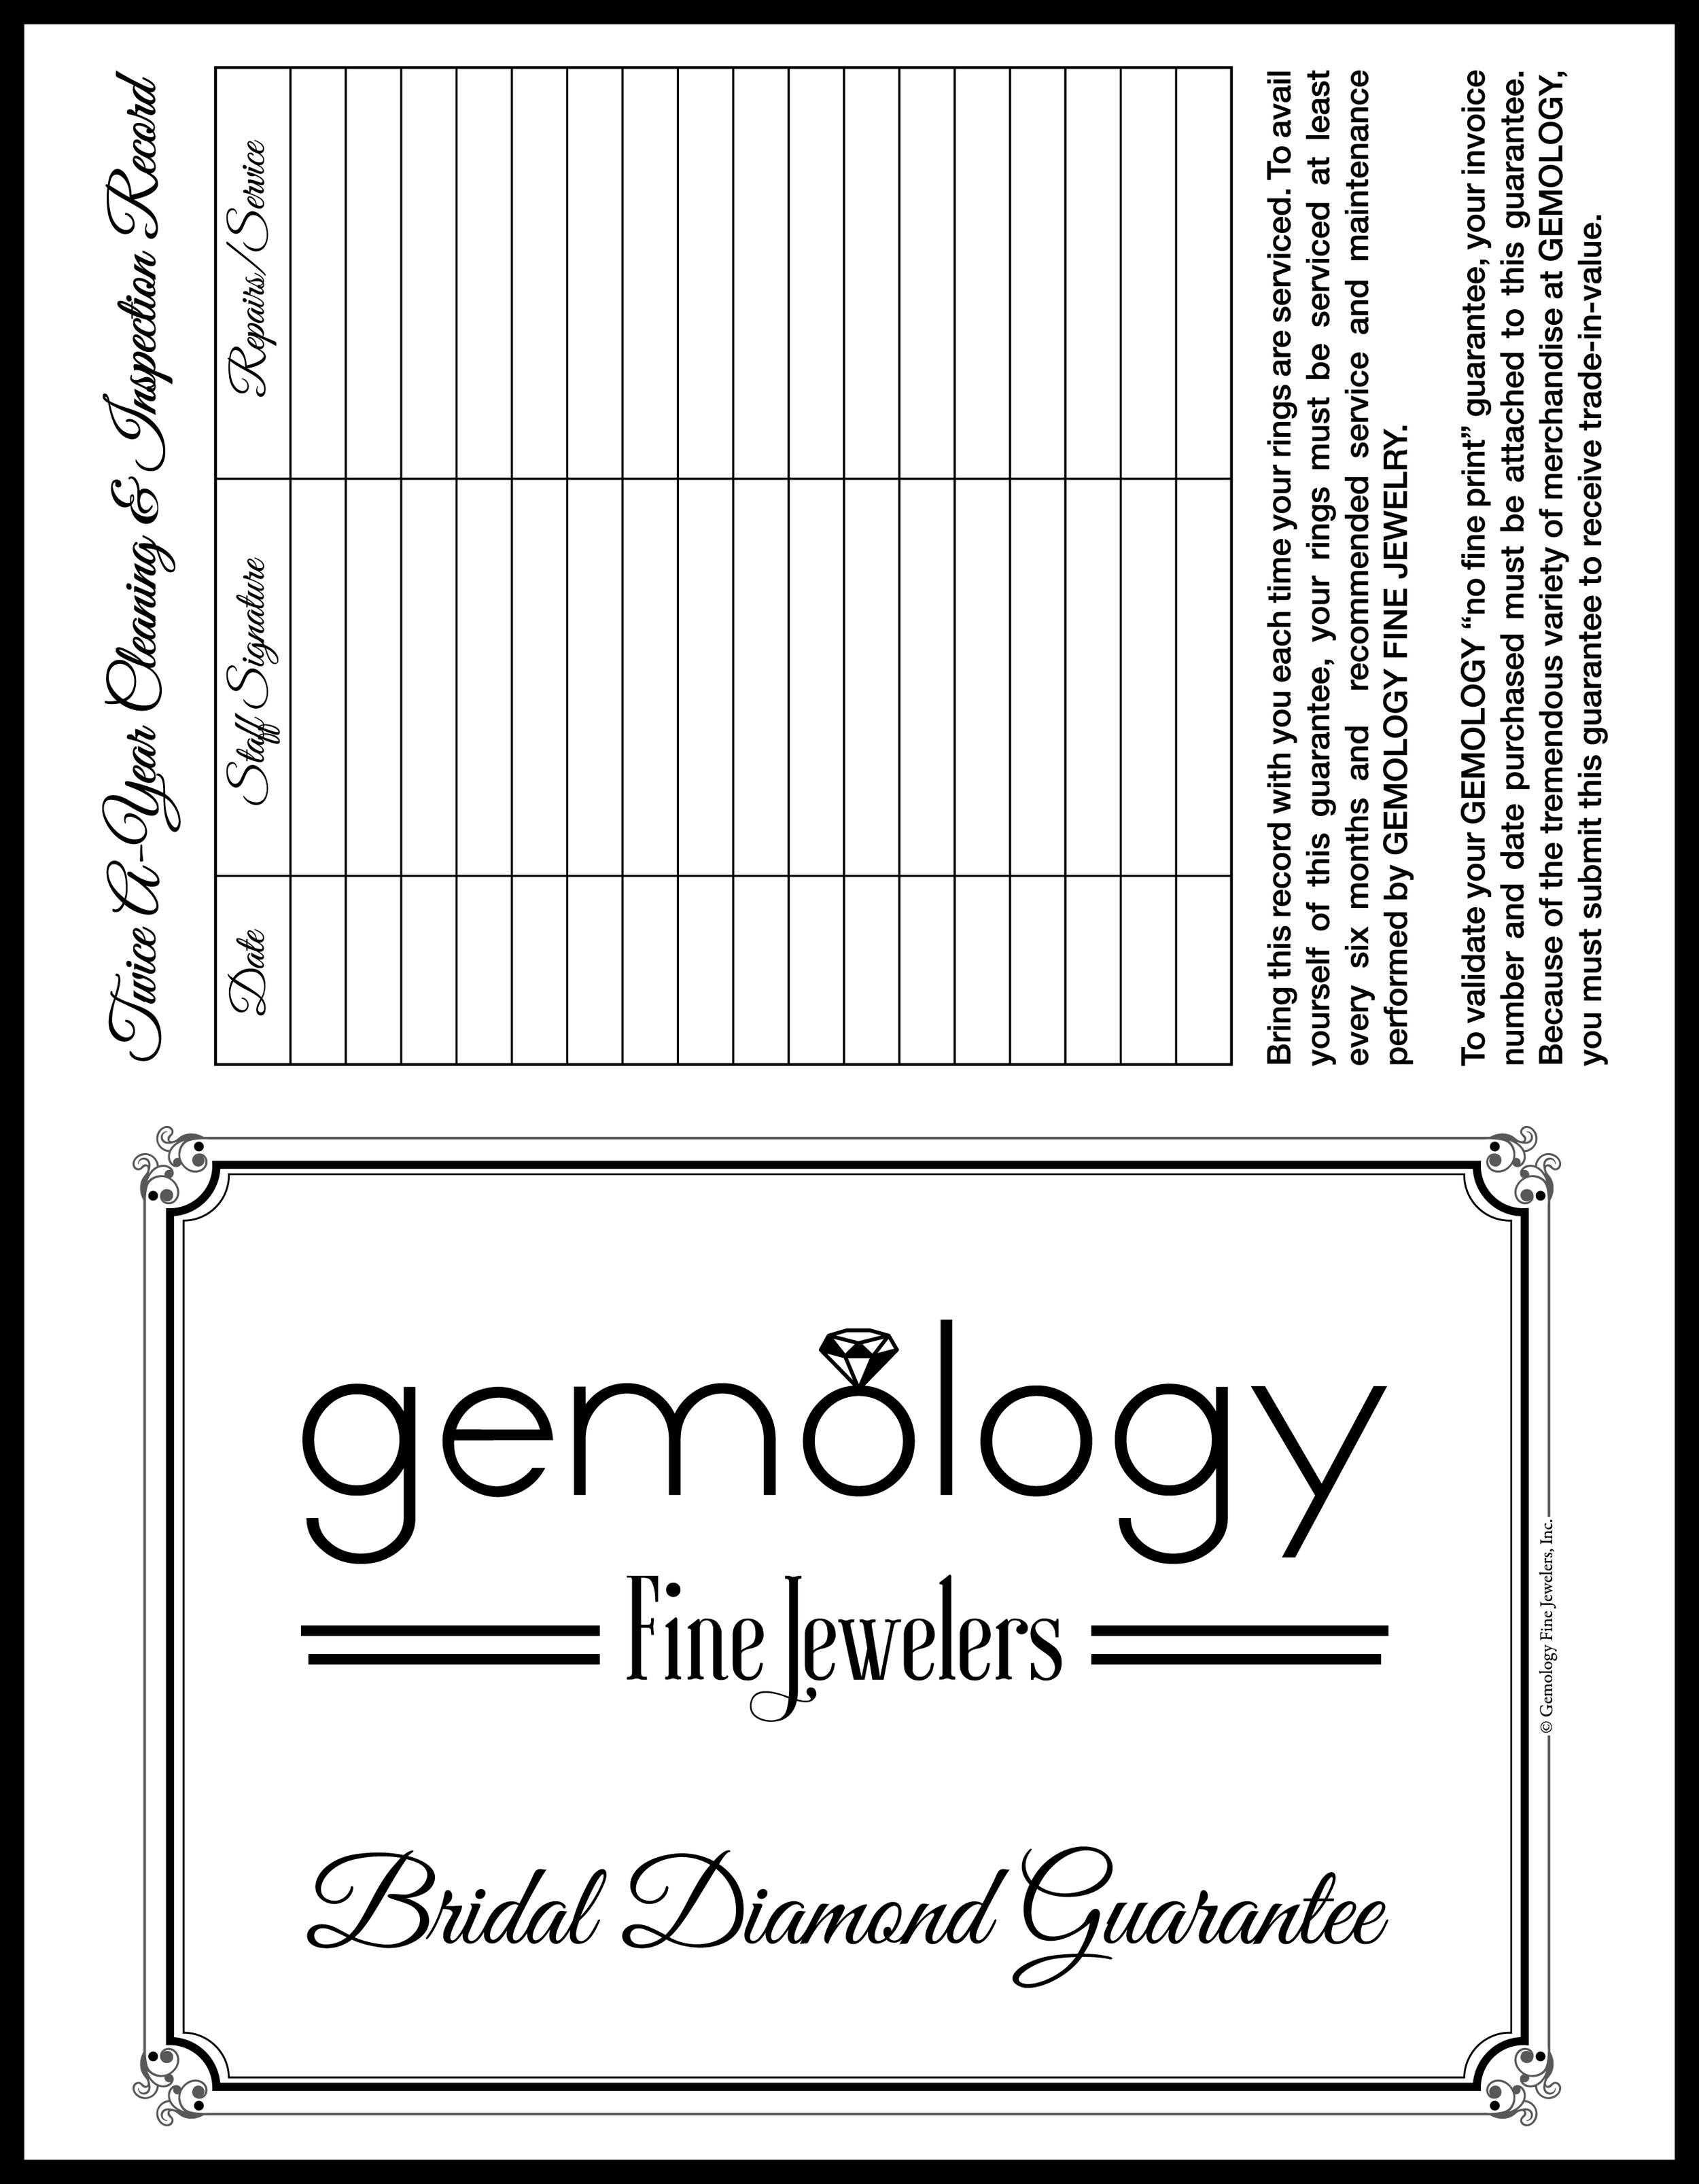 Gemology_bridaldiamond_guarantee-01.png